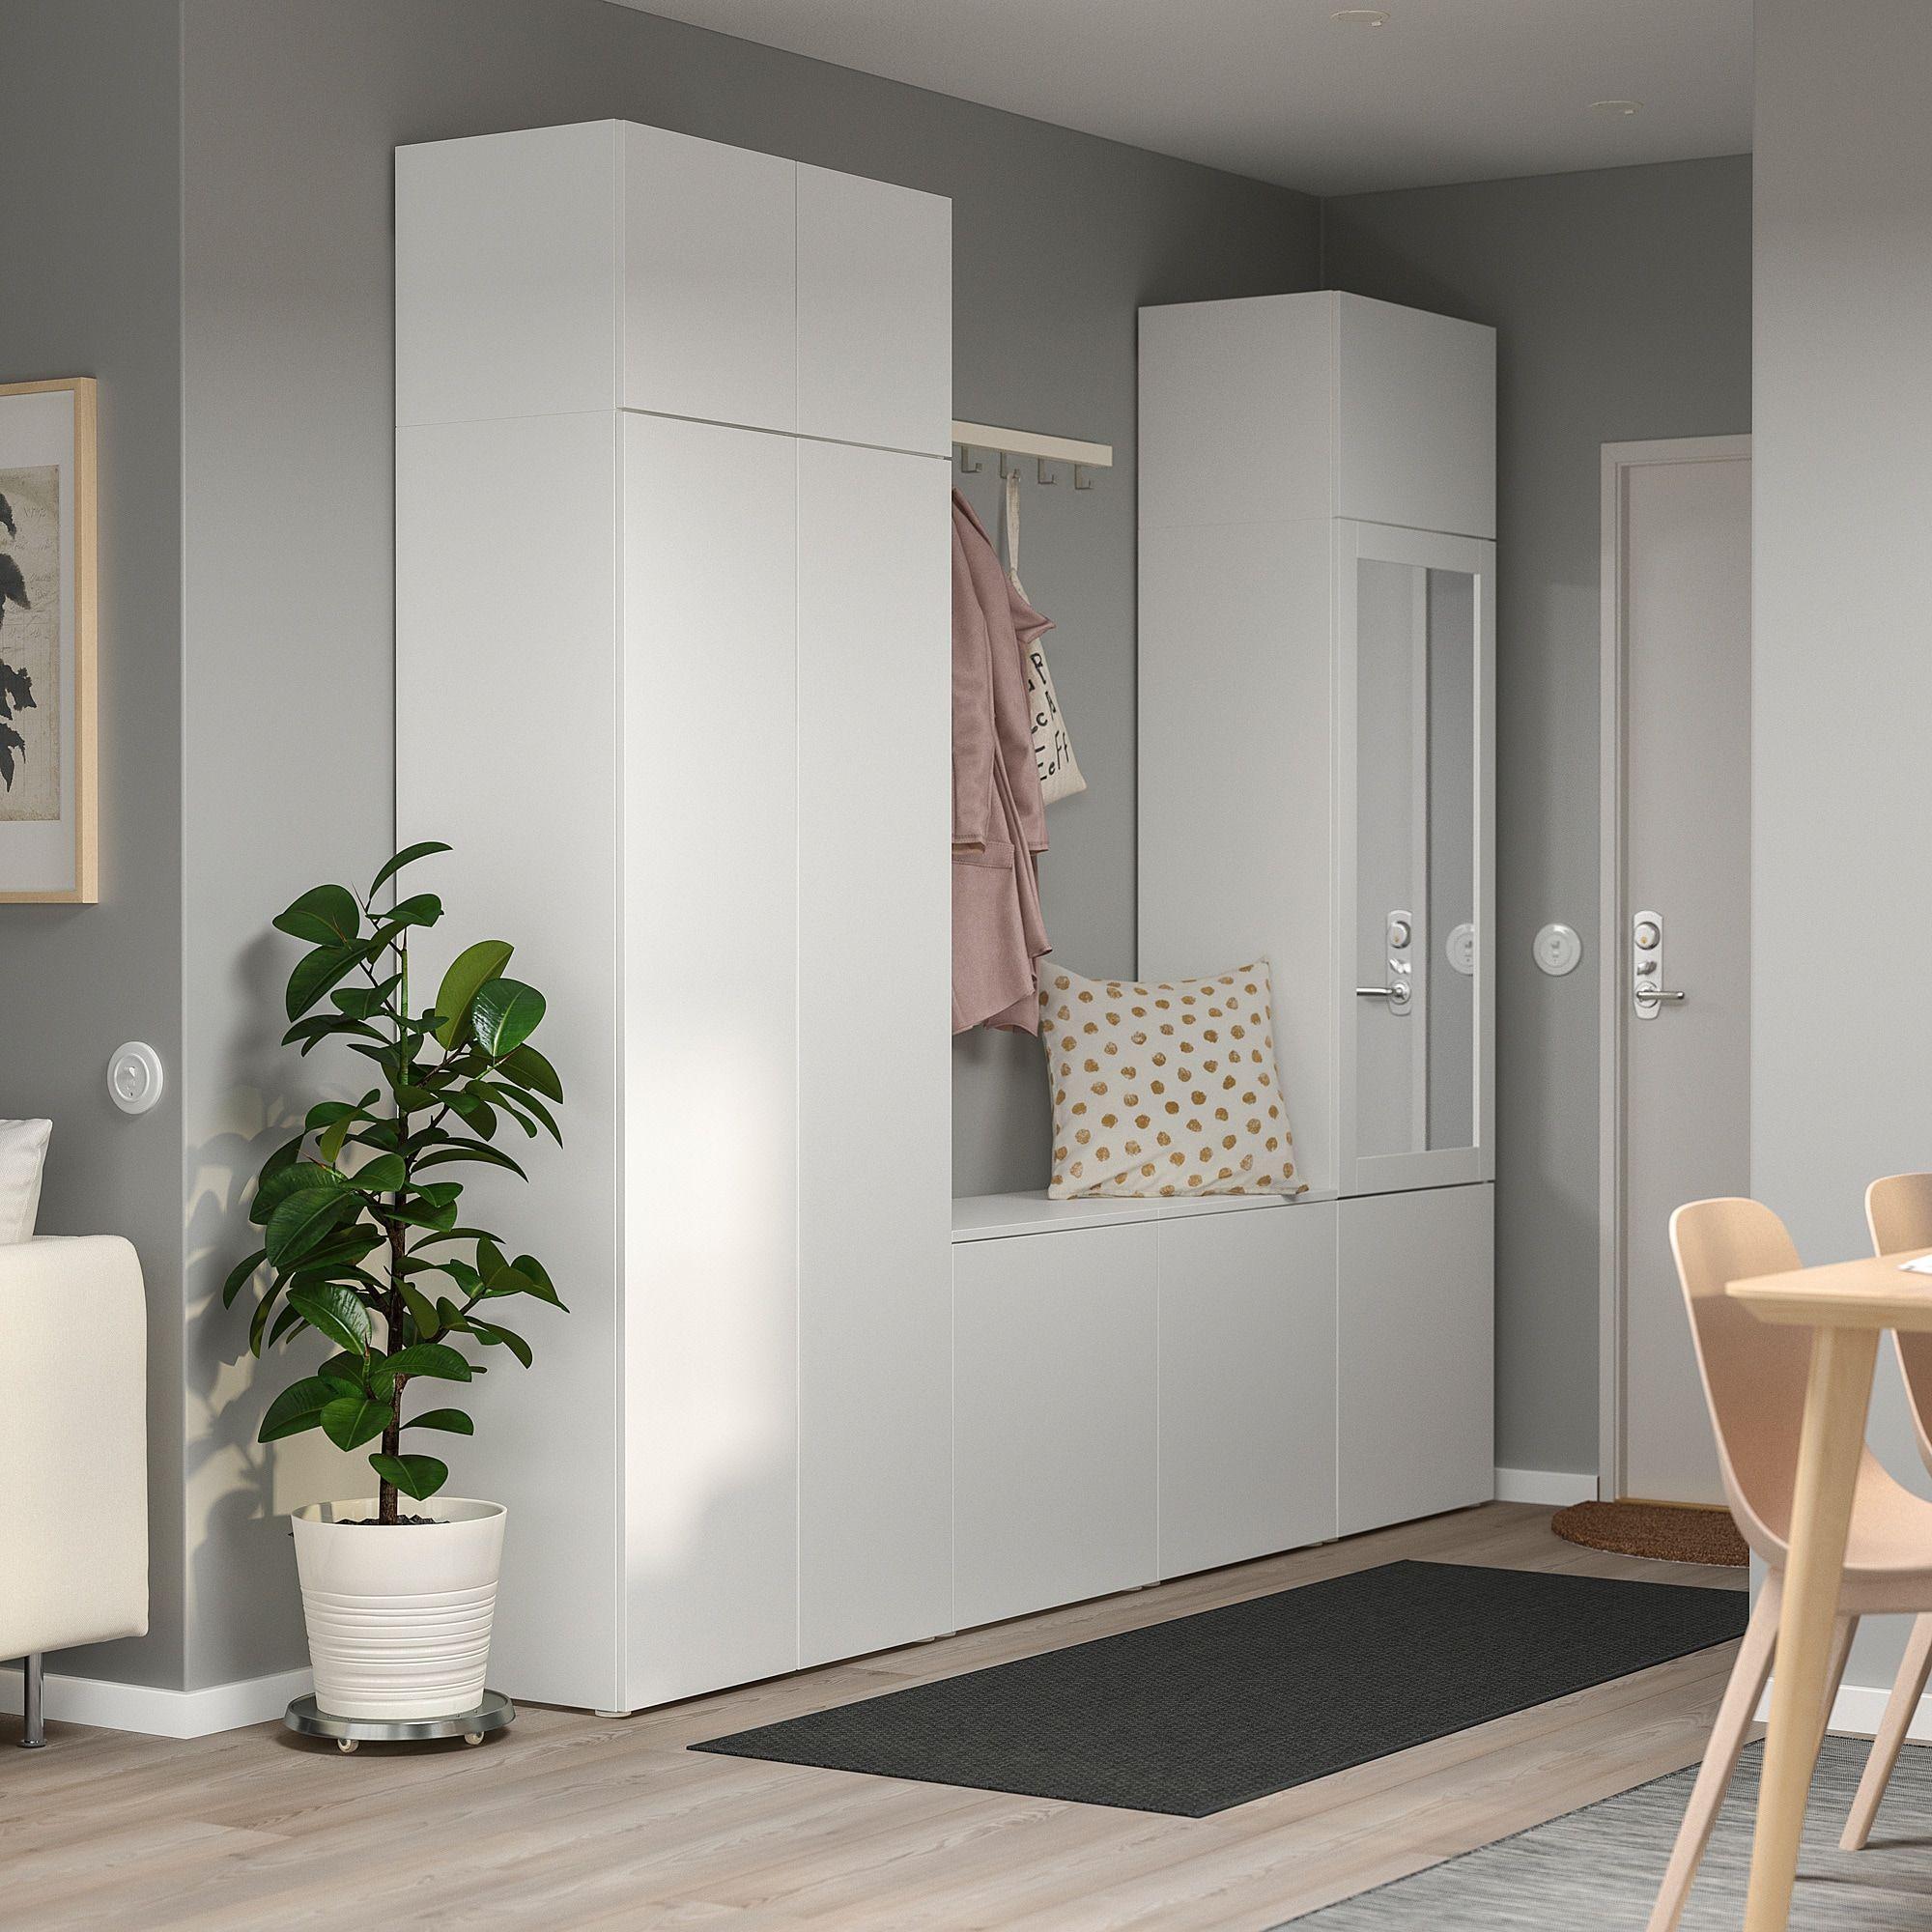 Platsa Kleiderschrank Weiss Fonnes Ridabu Ikea Garderoben Ideen Schlafzimmer Inspirationen Kleiderschrank Weiss